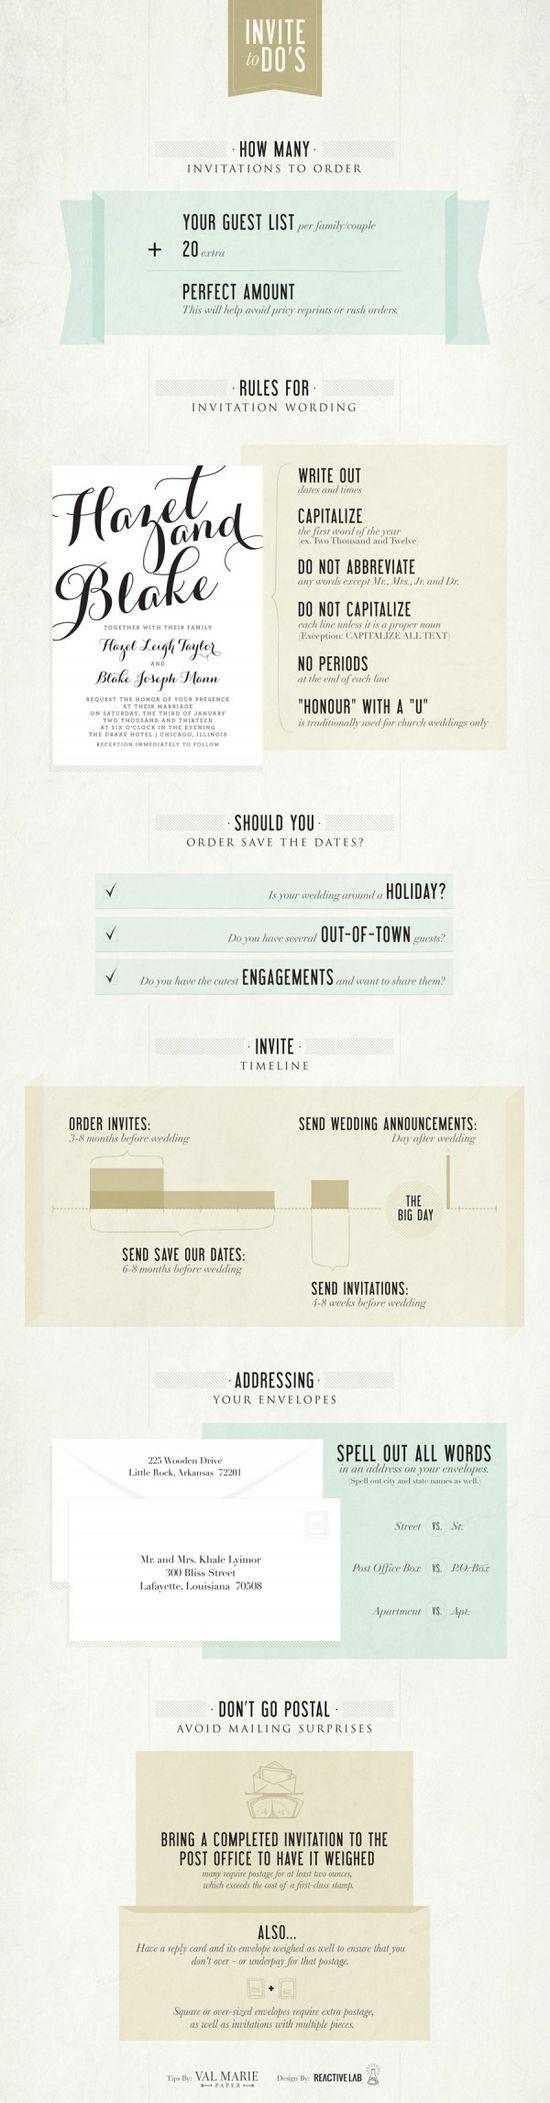 wedding invitations information sheet!